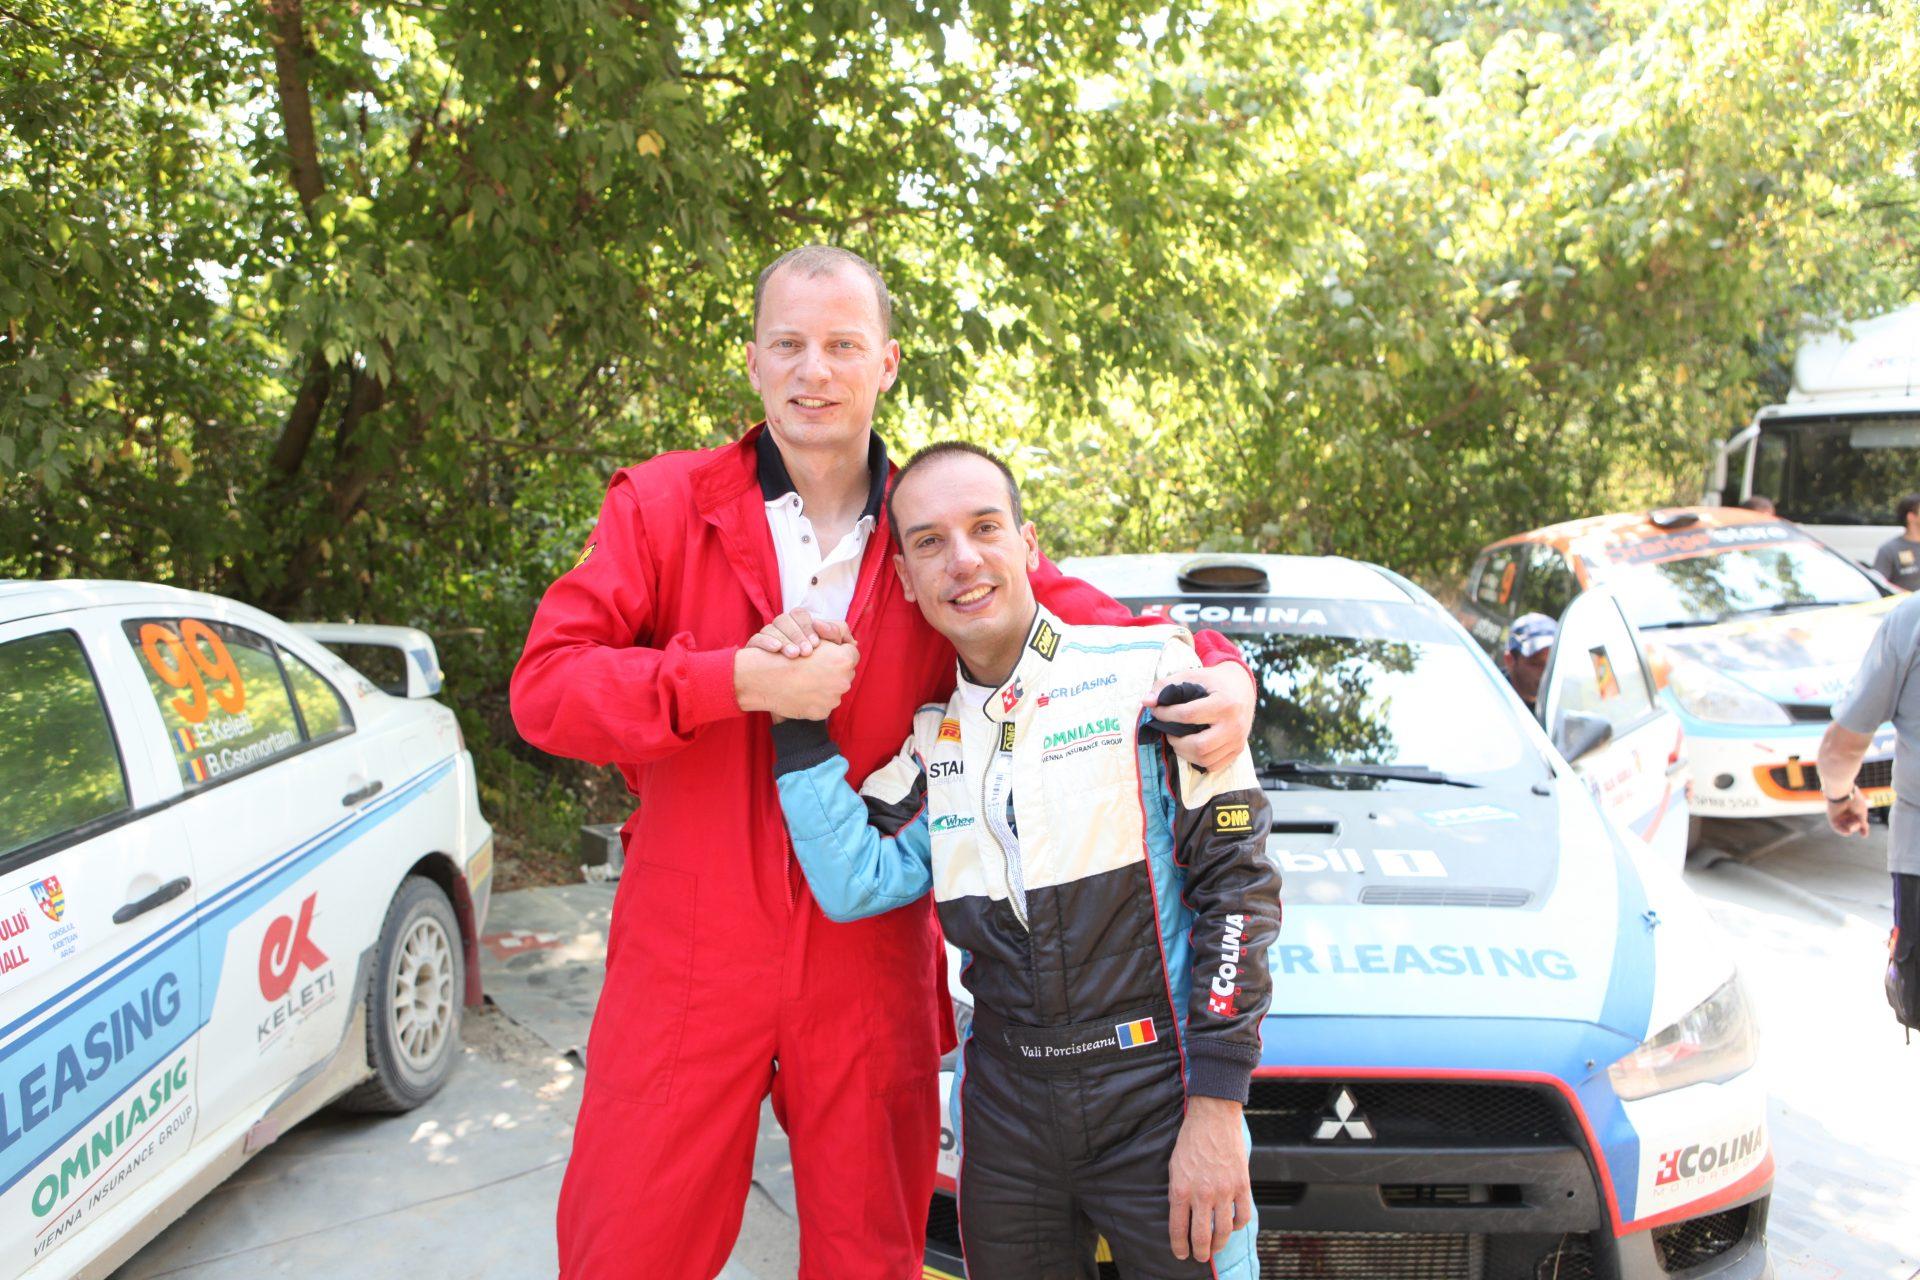 Rally Fan – Episodul 6 – Cristi Bungău despre o experiență fenomenală: raliul